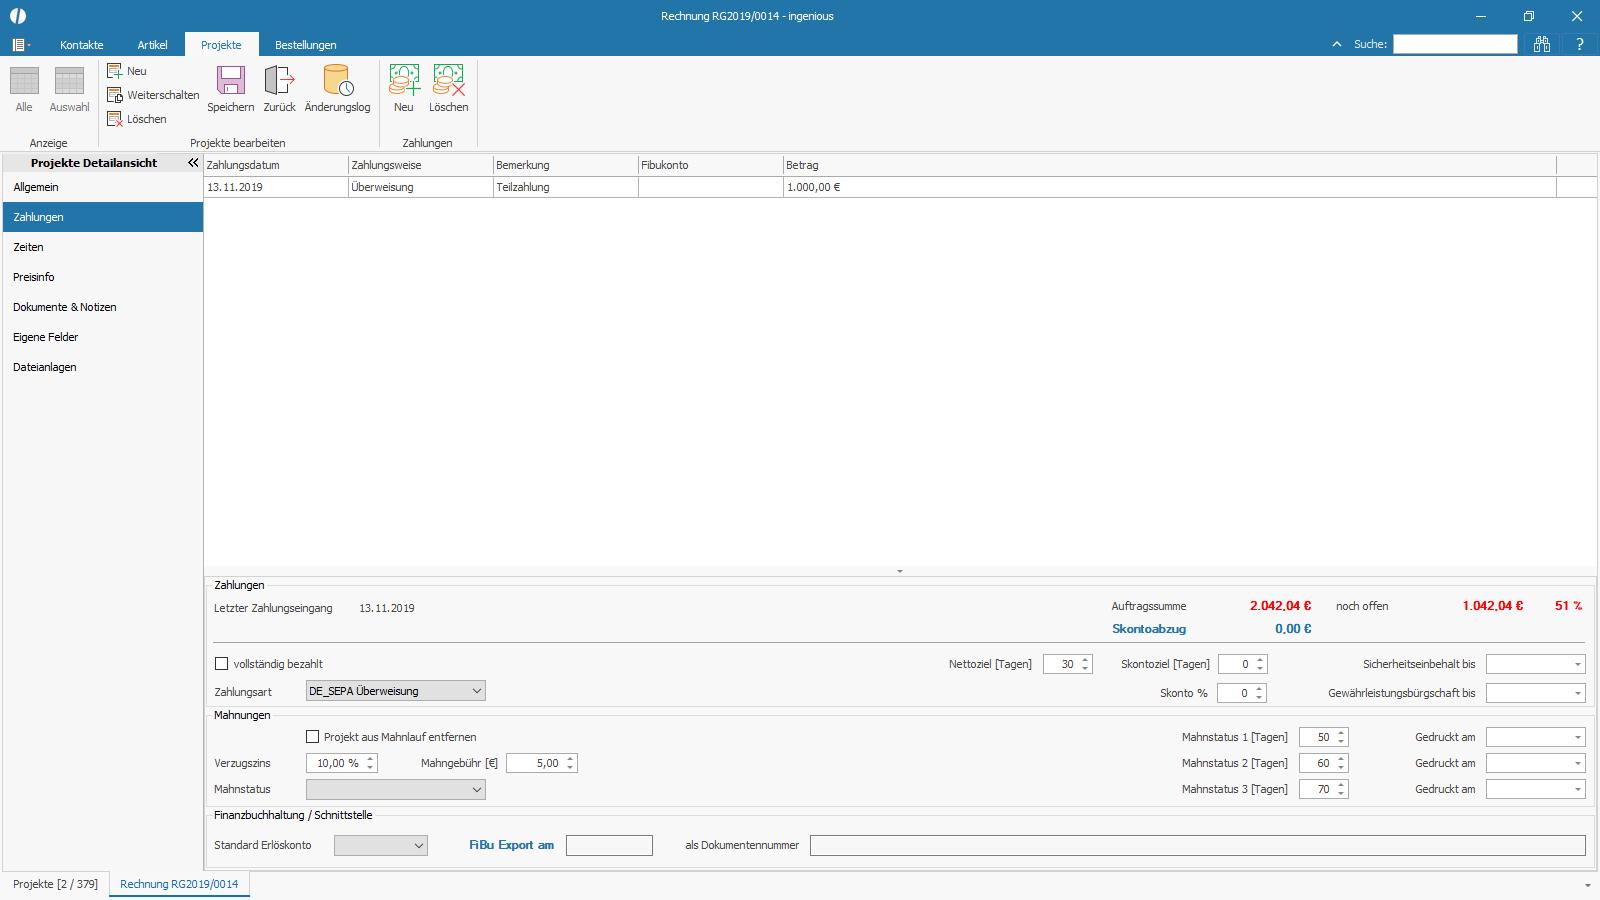 Ingenious Software Projekte Detailansicht Zahlungen